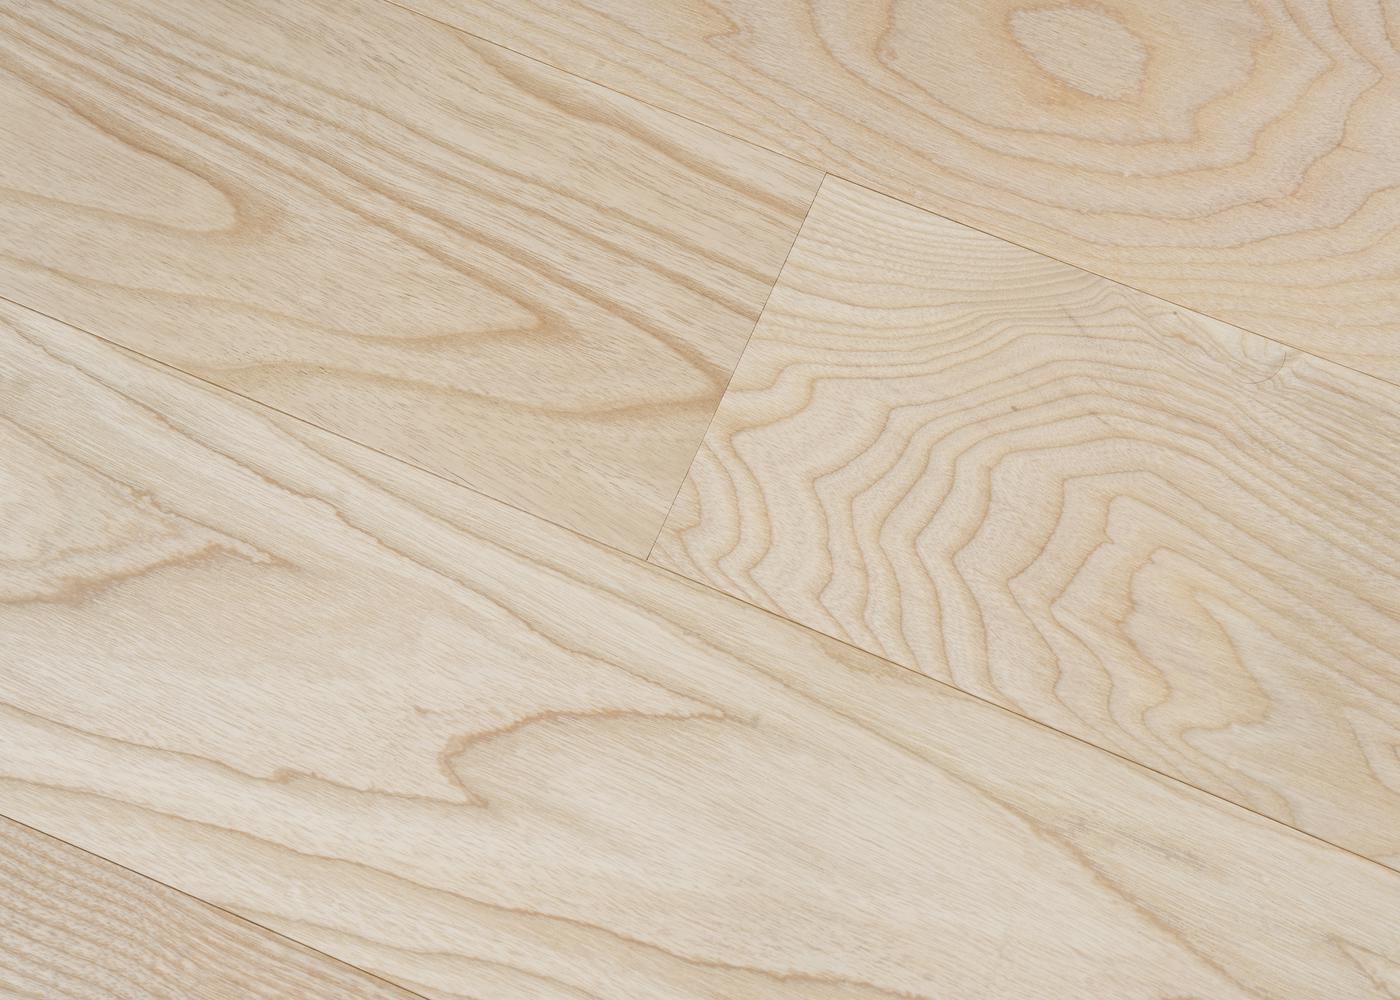 Parquet frêne massif Blanc Brut Premier NF G2 23x140x600-2000